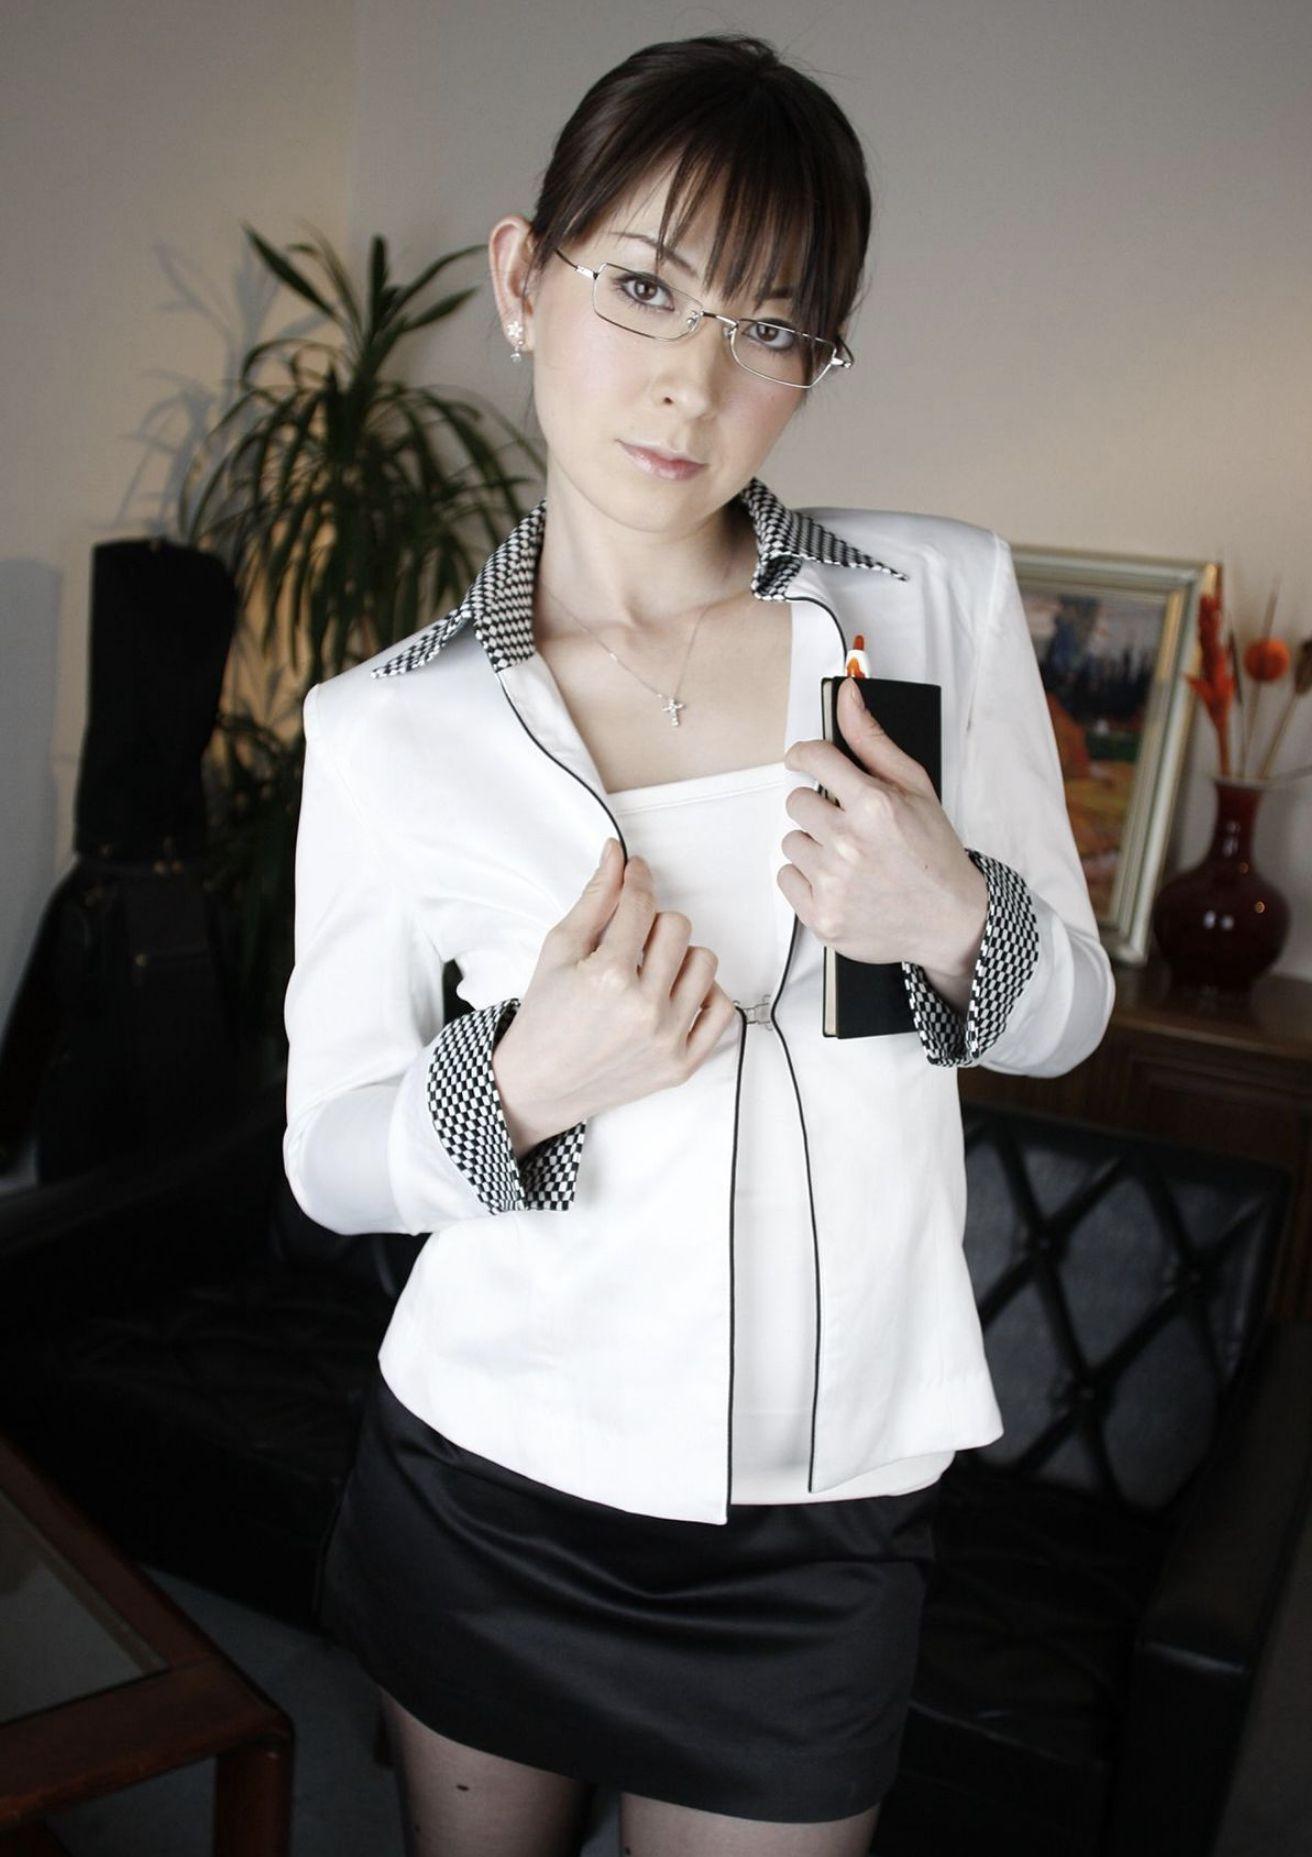 欲求不満の熟女教師 北条麻妃・柳田やよい・光月夜也 濃密グラビア写真集 006